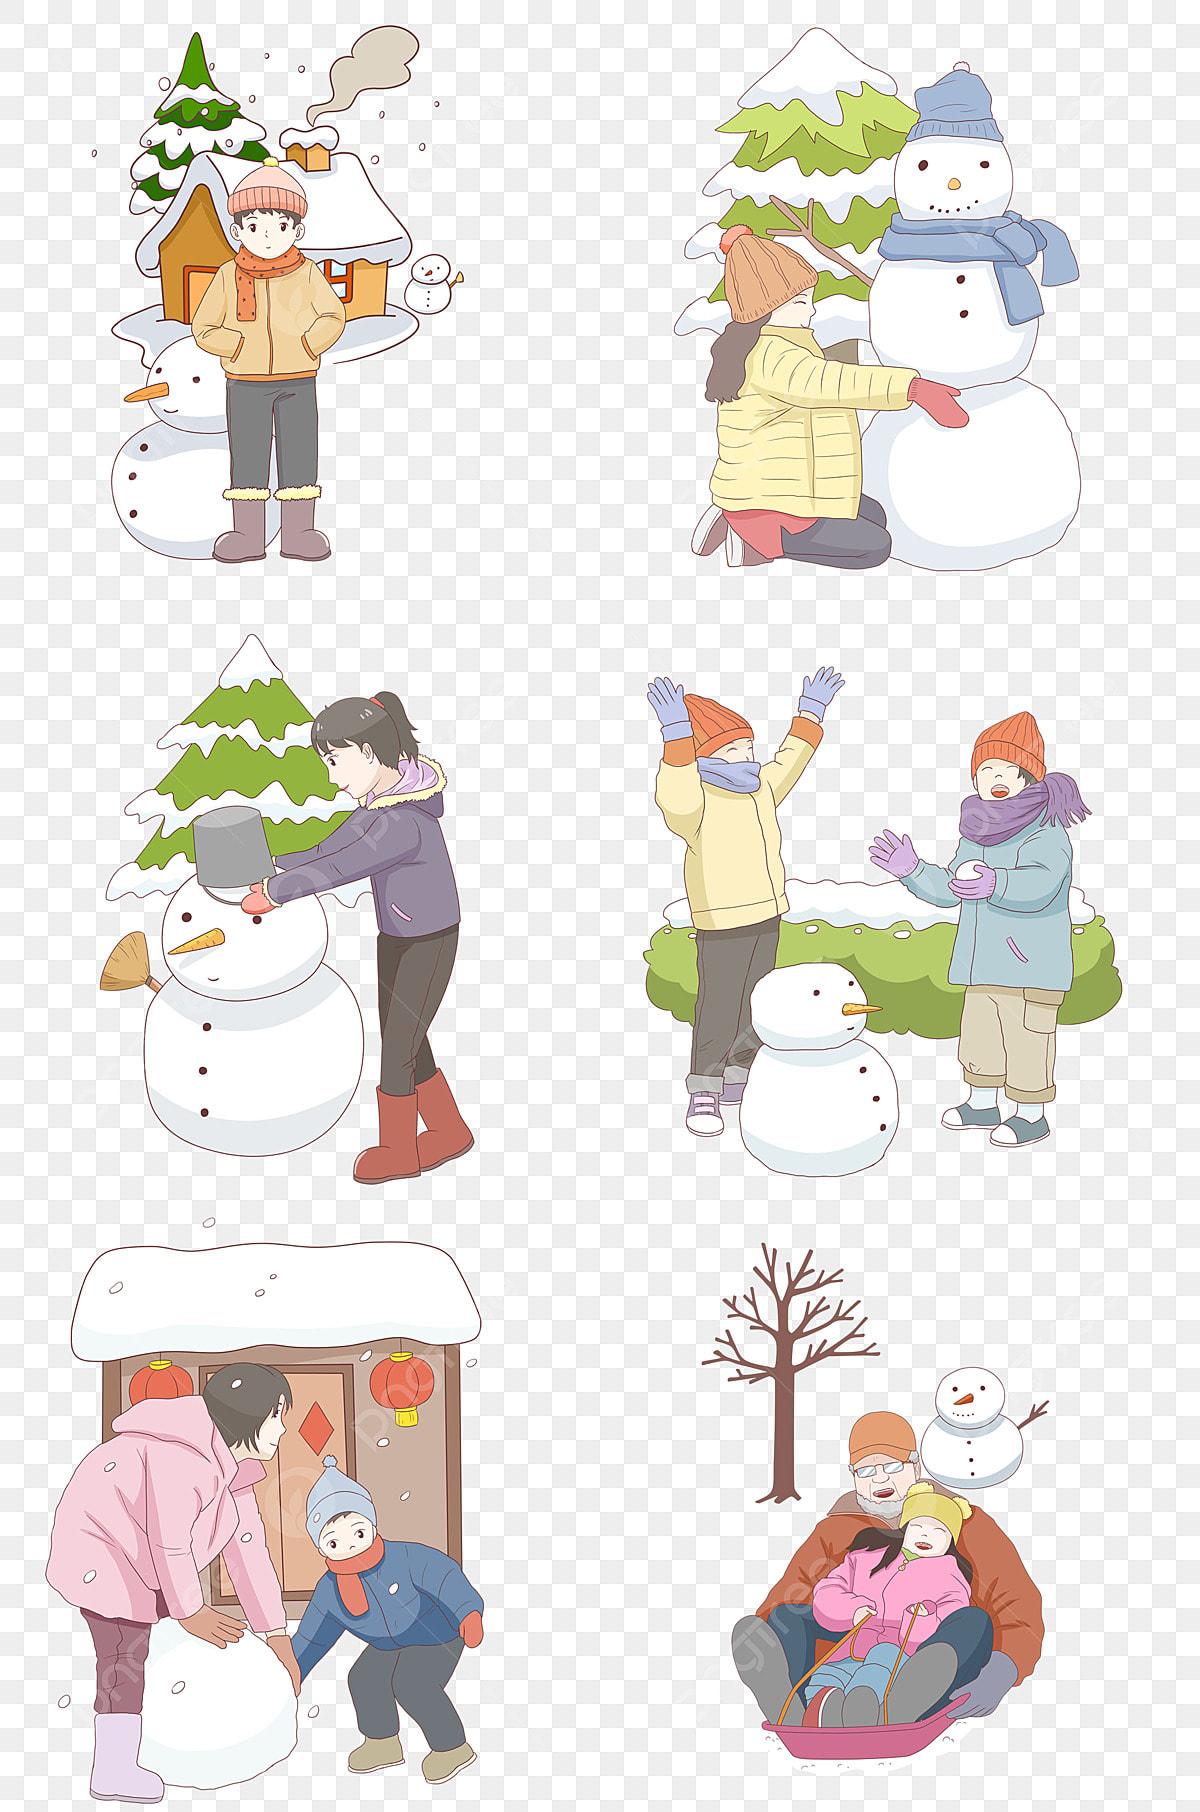 Musim Sejuk Musim Sejuk Musim Sejuk Hari Salji Watak Kartun